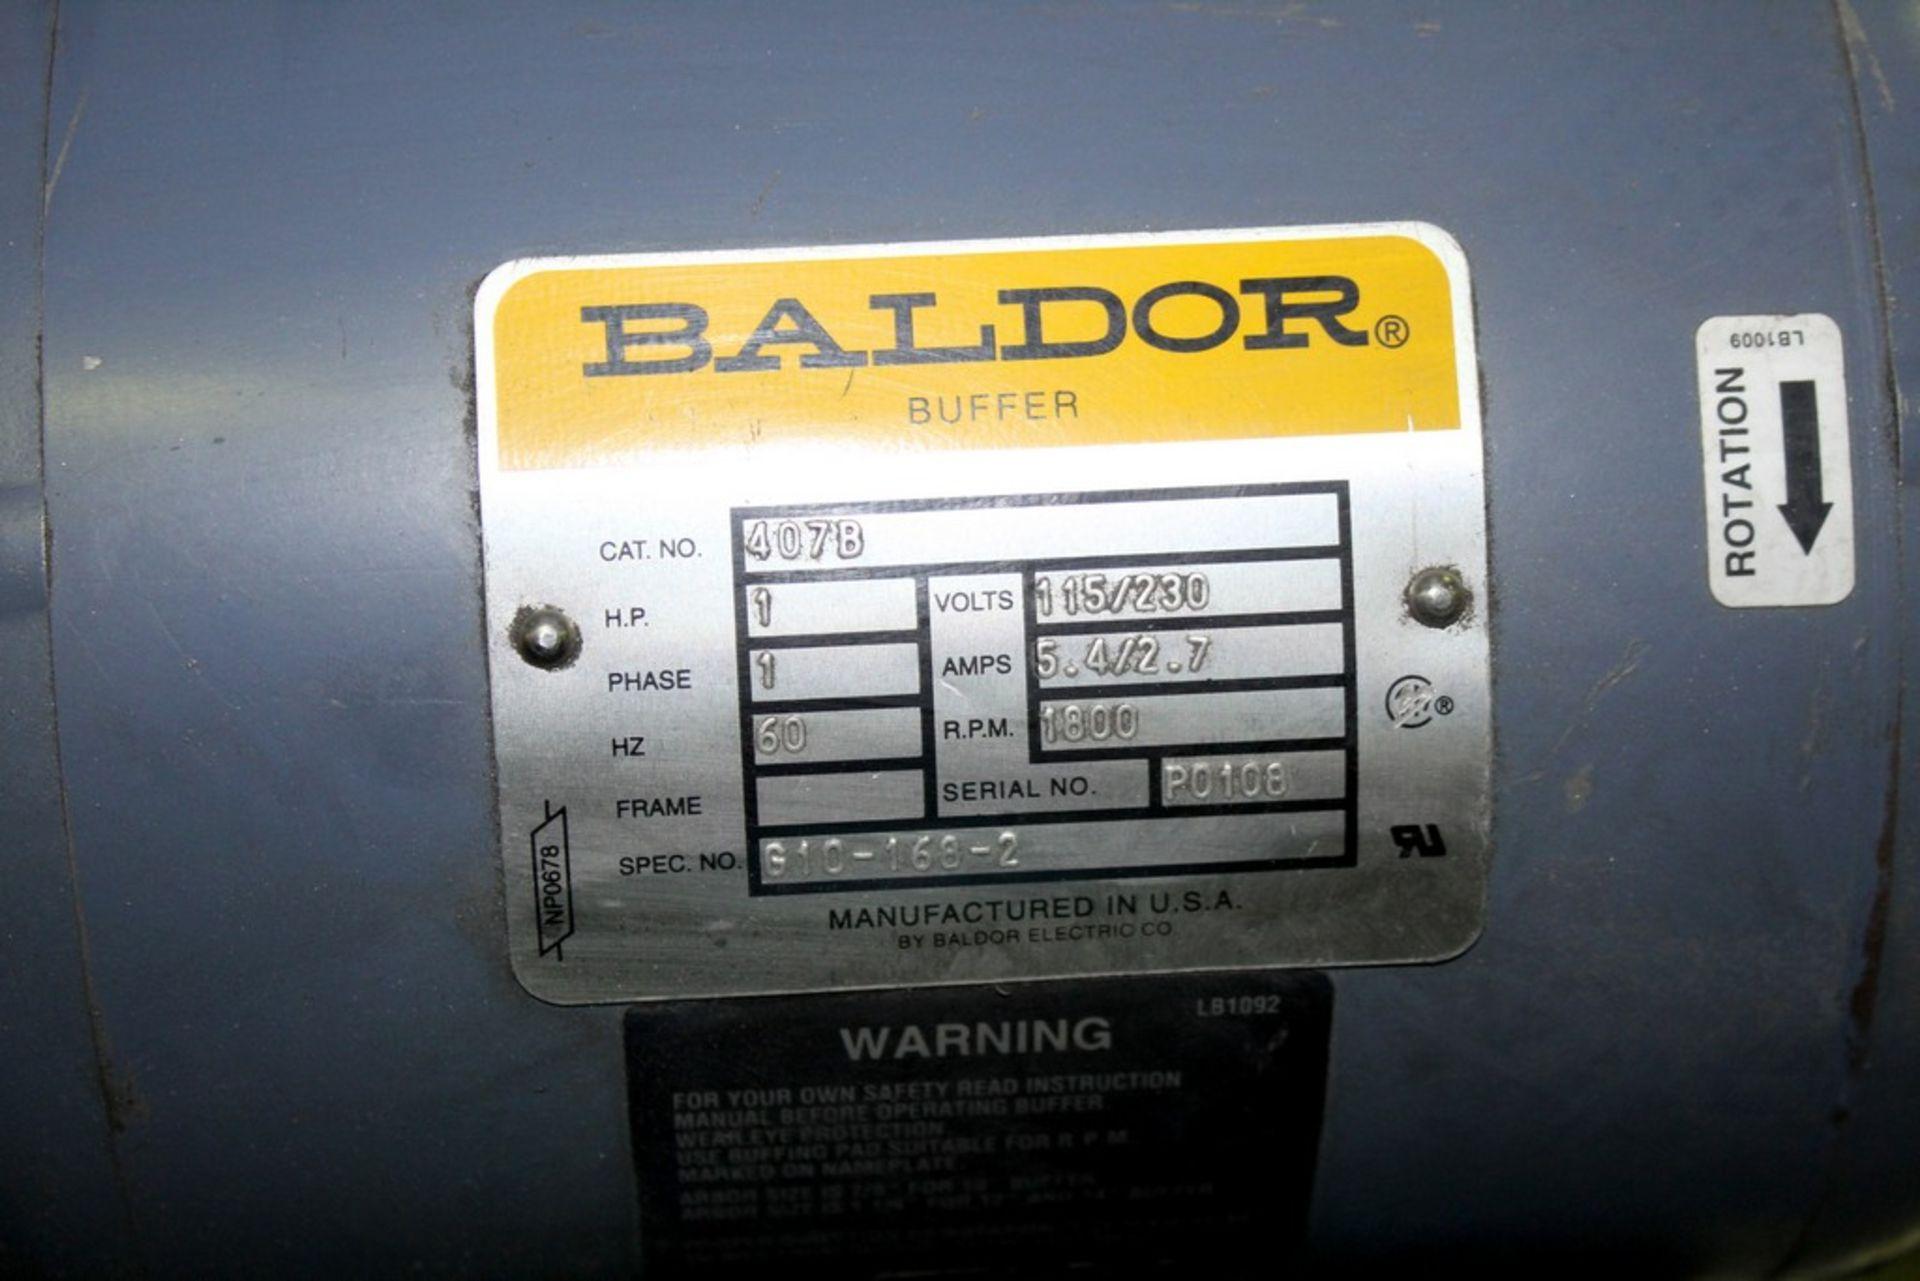 Lot 37 - BALDOR 1HP DOUBLE END PEDESTAL BUFFER/GRINDER